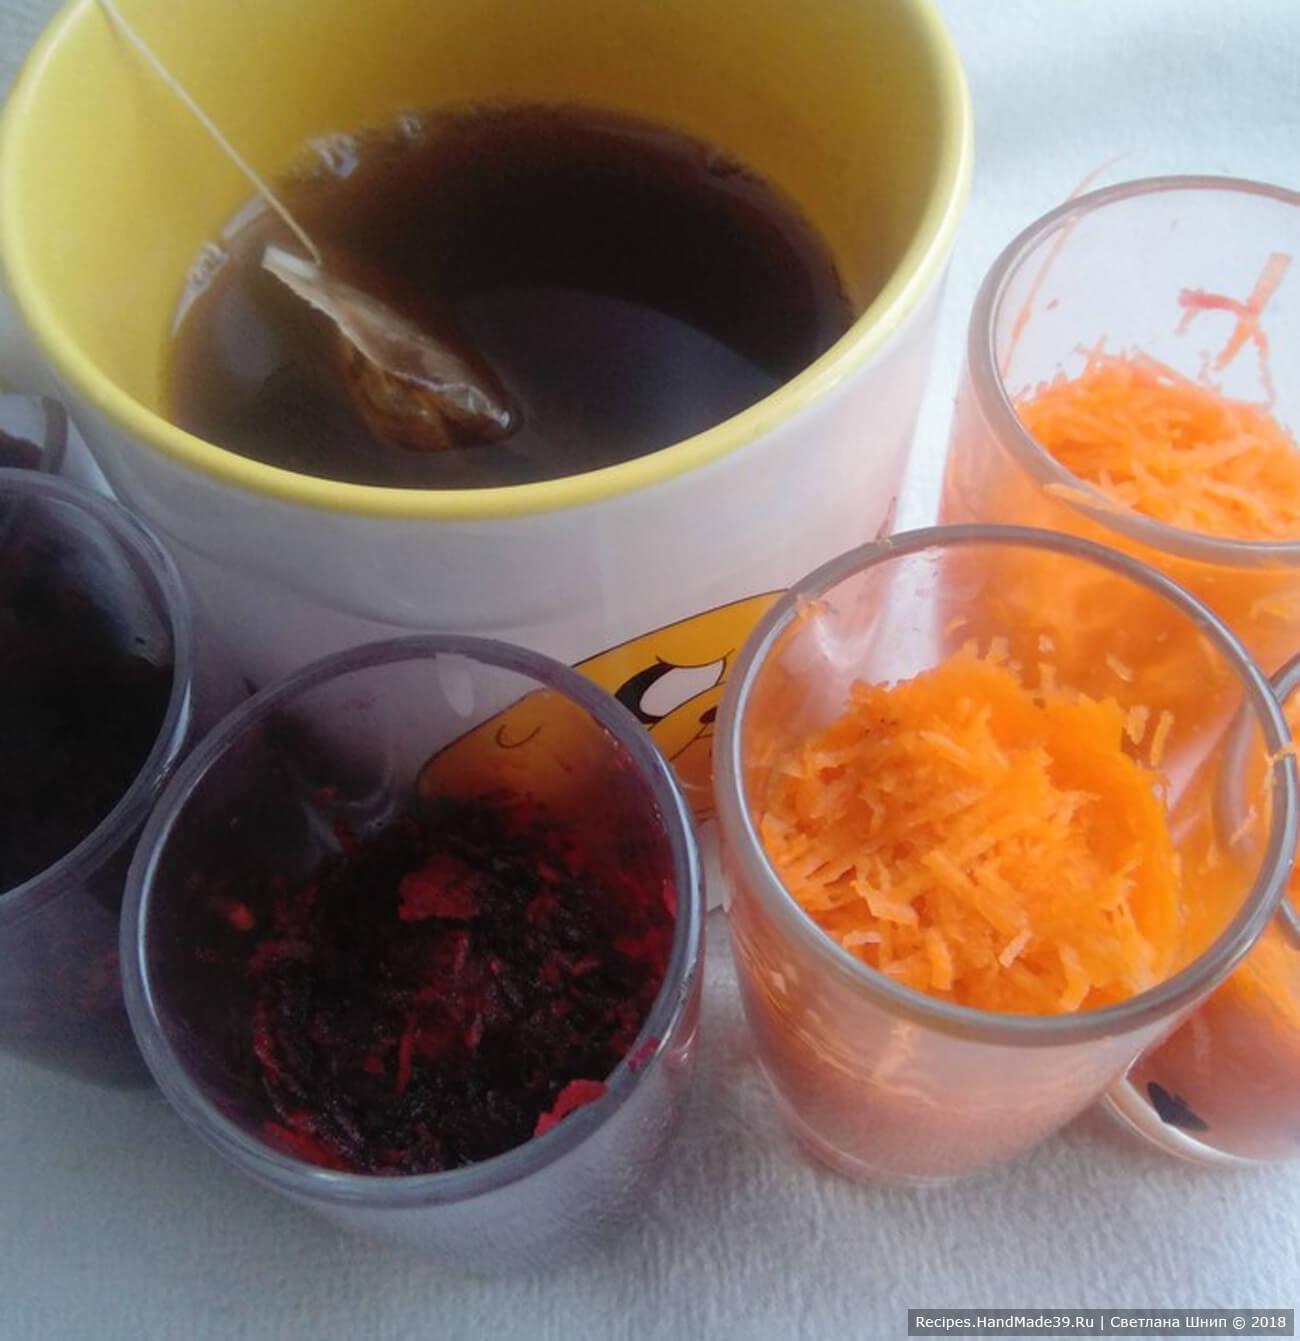 Заварить крепкий чай. Погрузить очищенные перепелиные яйца в стаканчики с чаем, свёклой. Можно попробовать мелко натёртую морковь. Оставить яйца примерно на 1 час, для того чтобы они взяли цвет